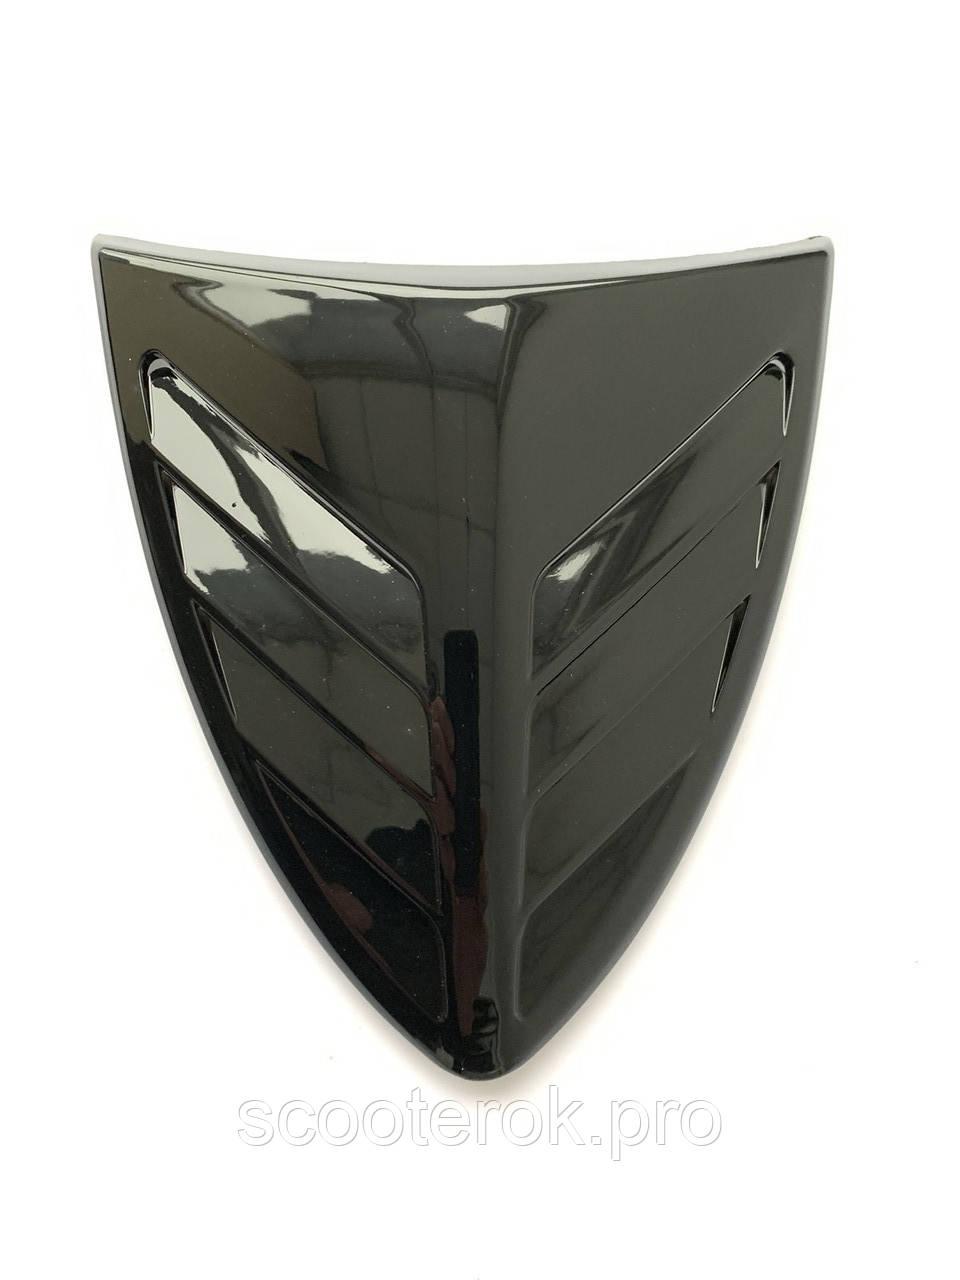 Пластик вставка клюва Viper Storm New 50/125/150 куб.